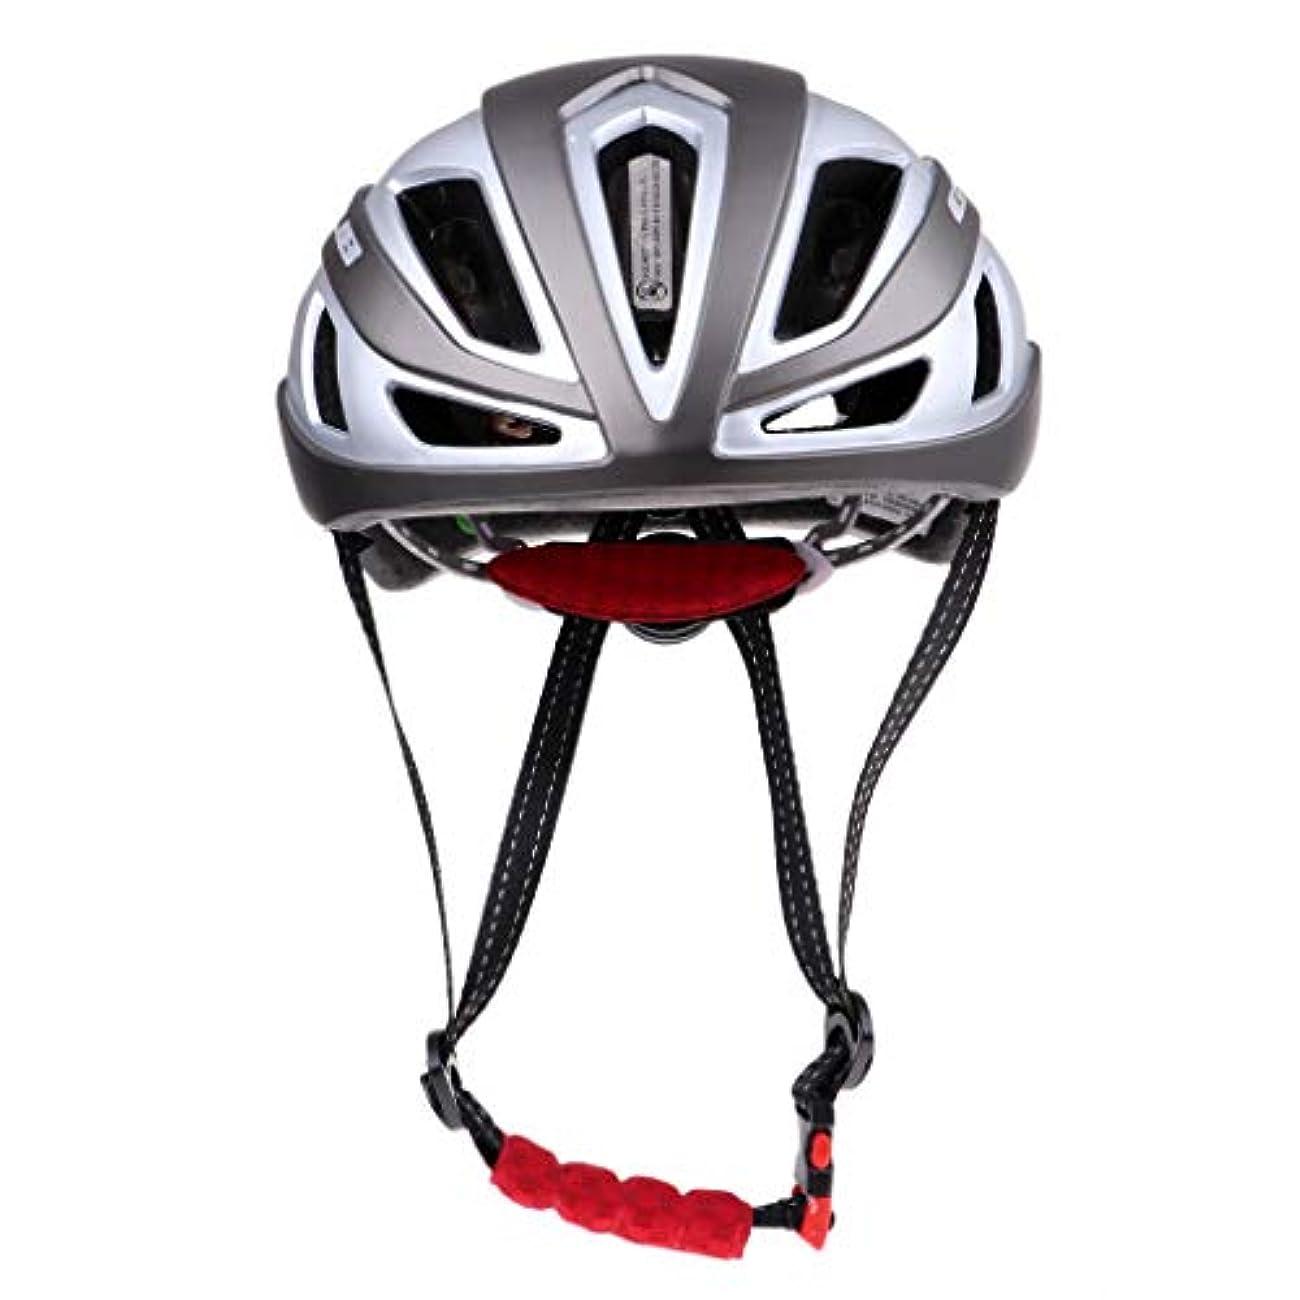 気付く手書き漏れBaoblaze 高品質 ユニセックス大人用 GUB F19 自転車 サイクリング ヘルメット バイクヘルメット 快適